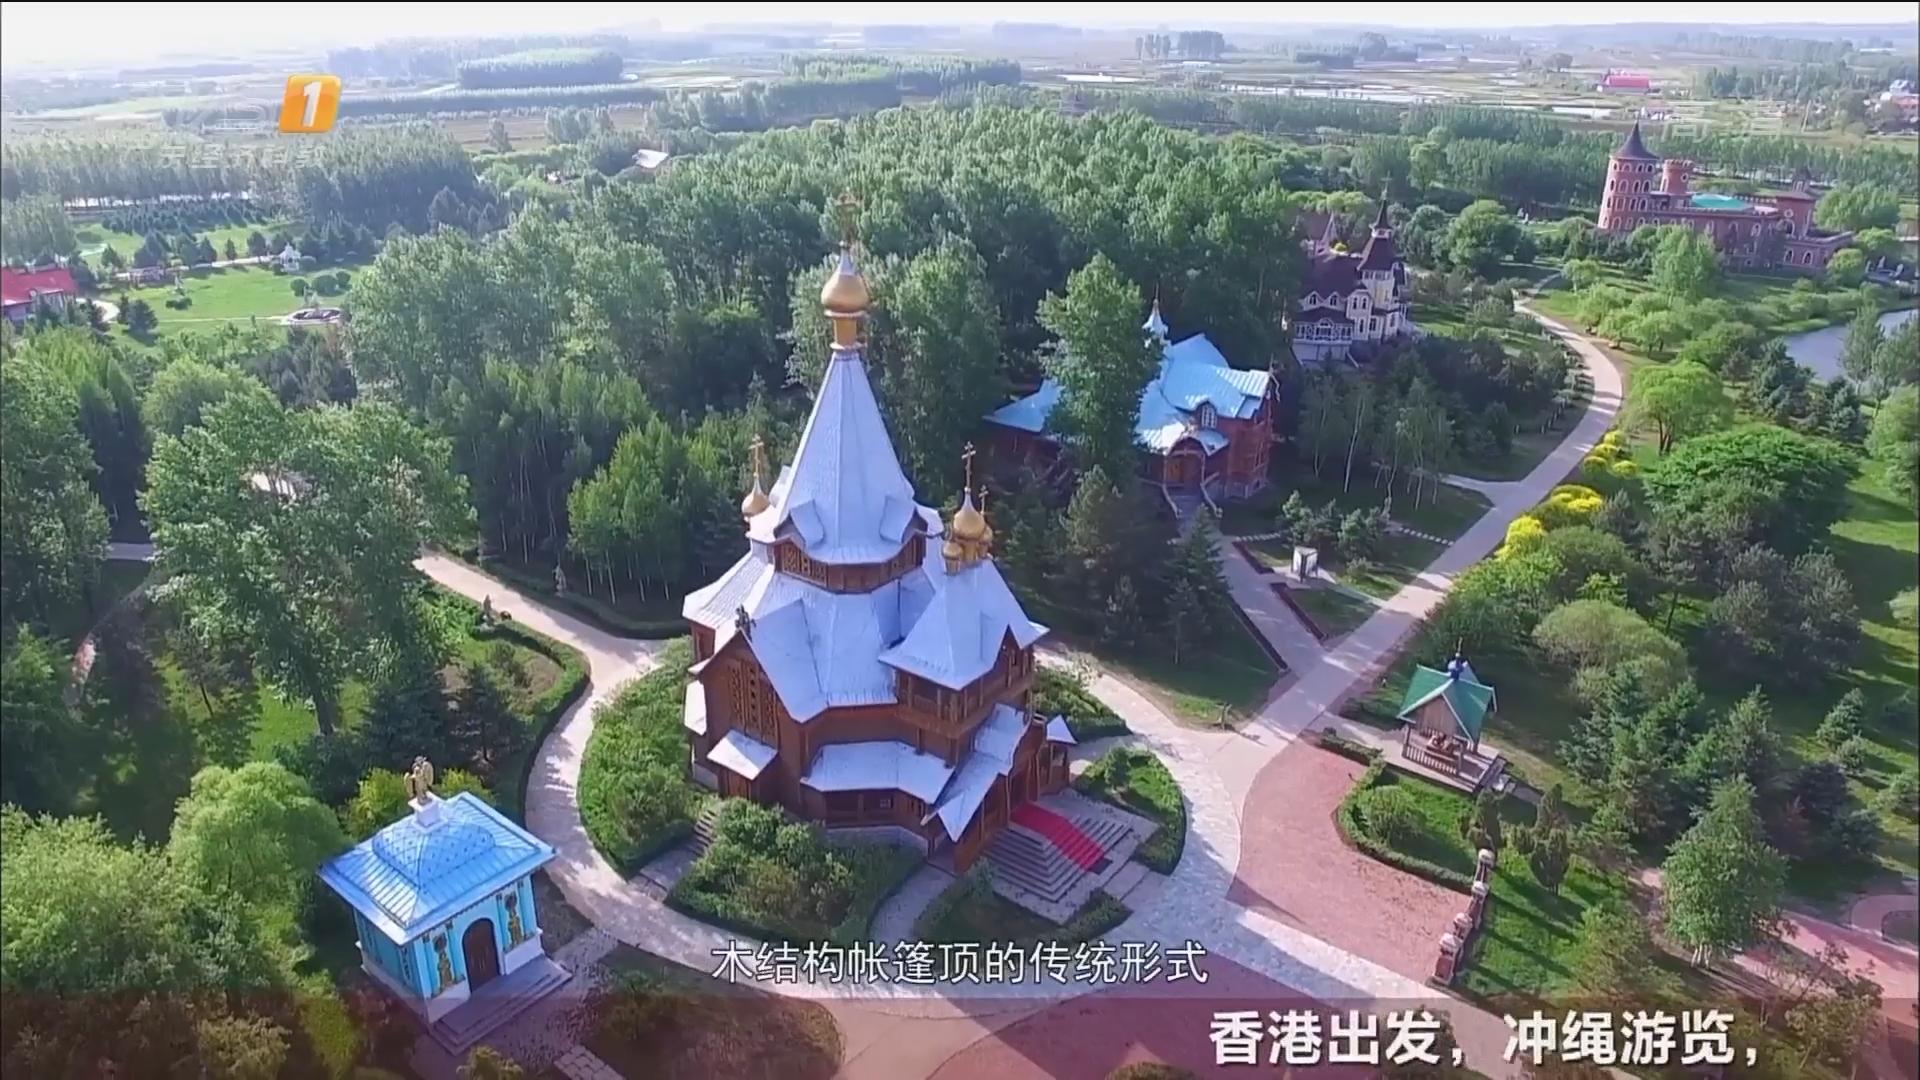 哈尔滨——伏尔加庄园